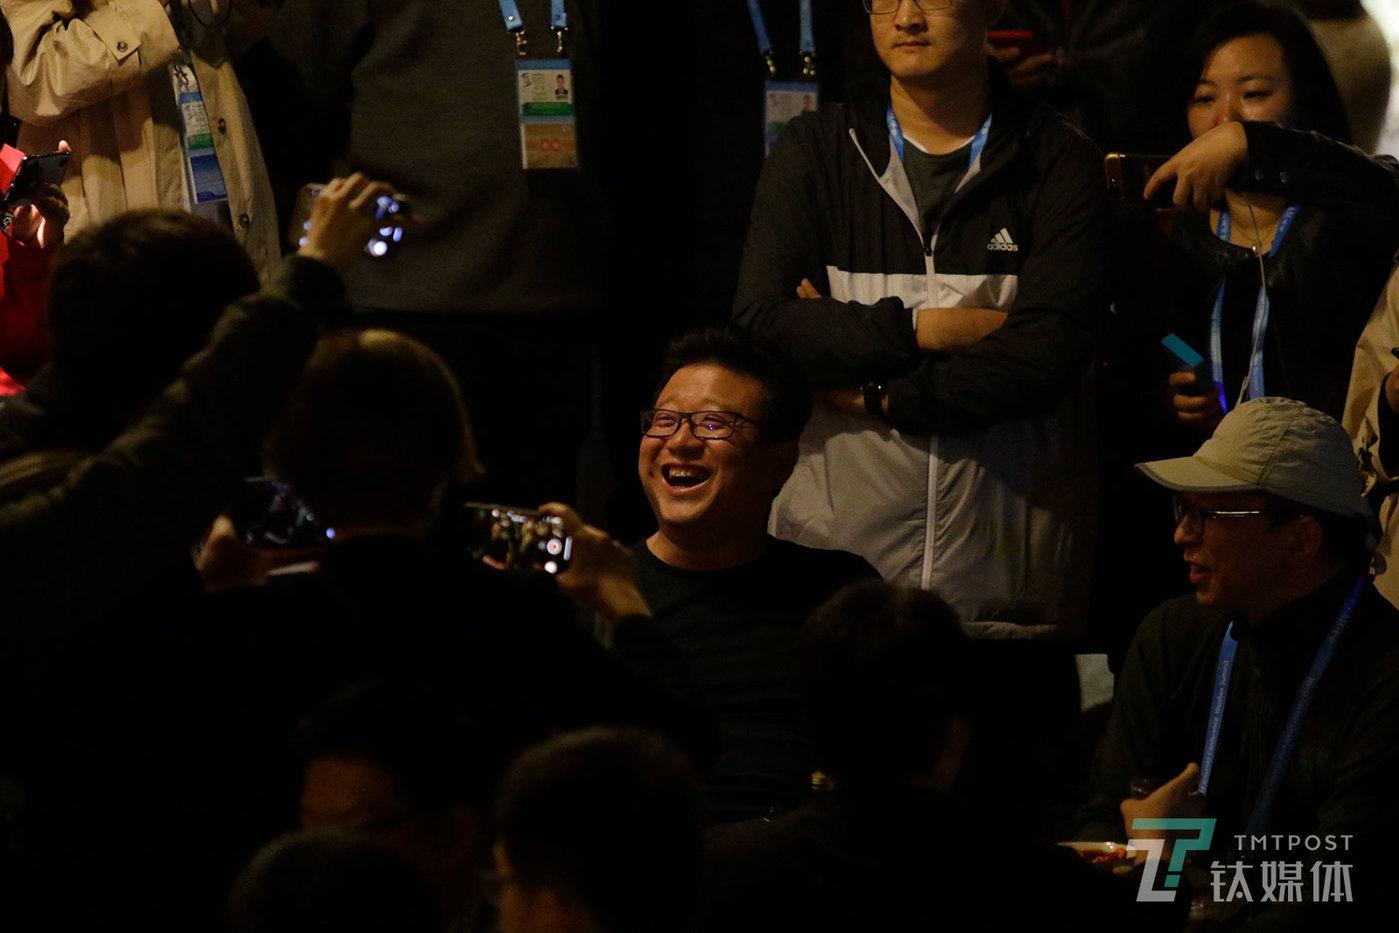 【我做东】11月6日,浙江嘉兴乌镇,第五届世界互联网大会开幕前夜,丁磊、张朝阳、周鸿祎等人在西栅景区小聚,引来媒体围观,这个聚会也成为一个微型公关活动现场。